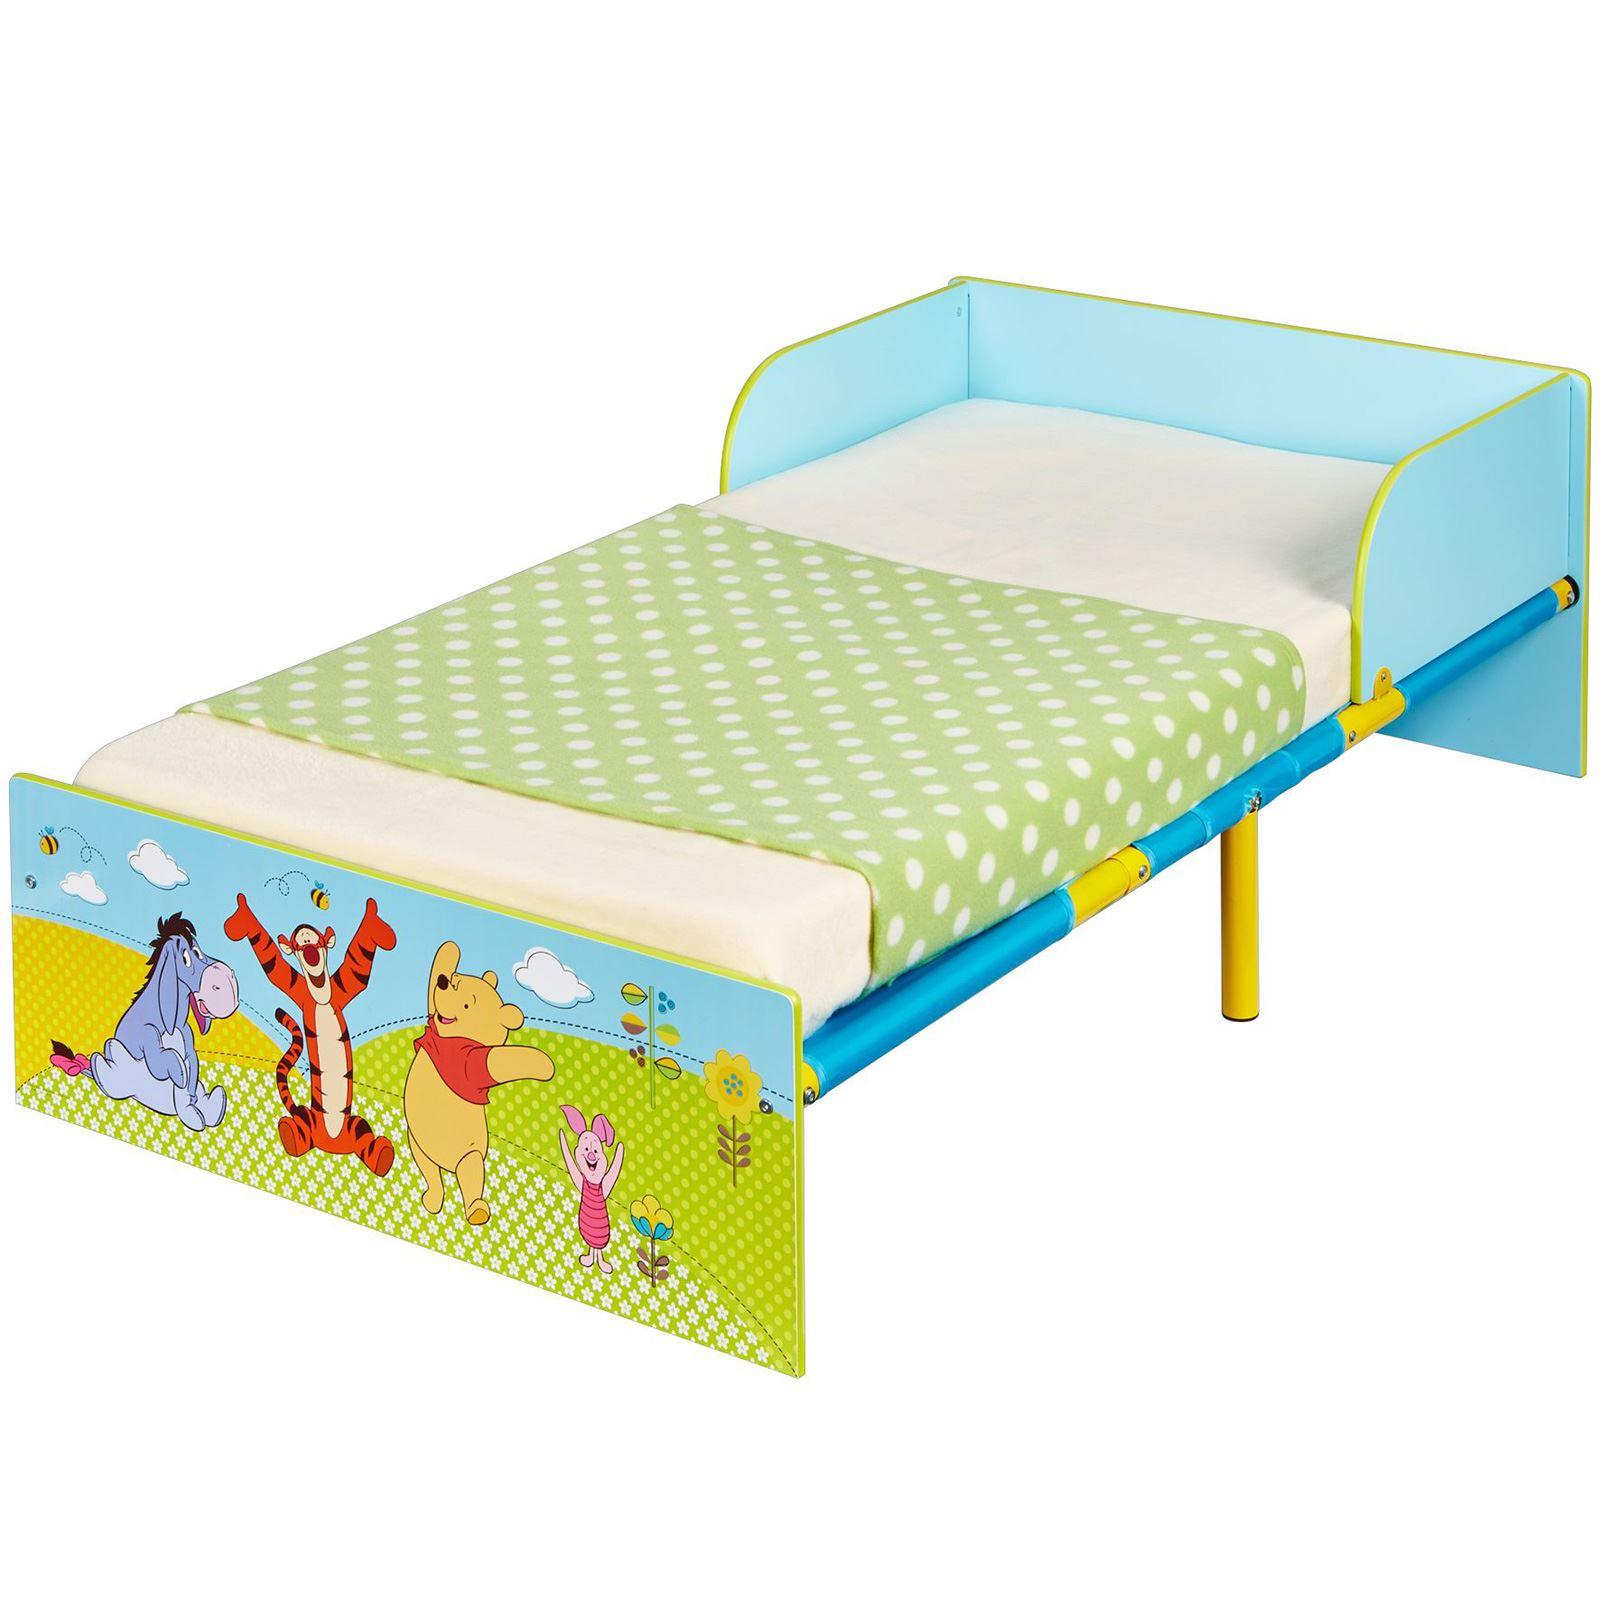 winnie the pooh kleinkind bett mit schutz seiten. Black Bedroom Furniture Sets. Home Design Ideas